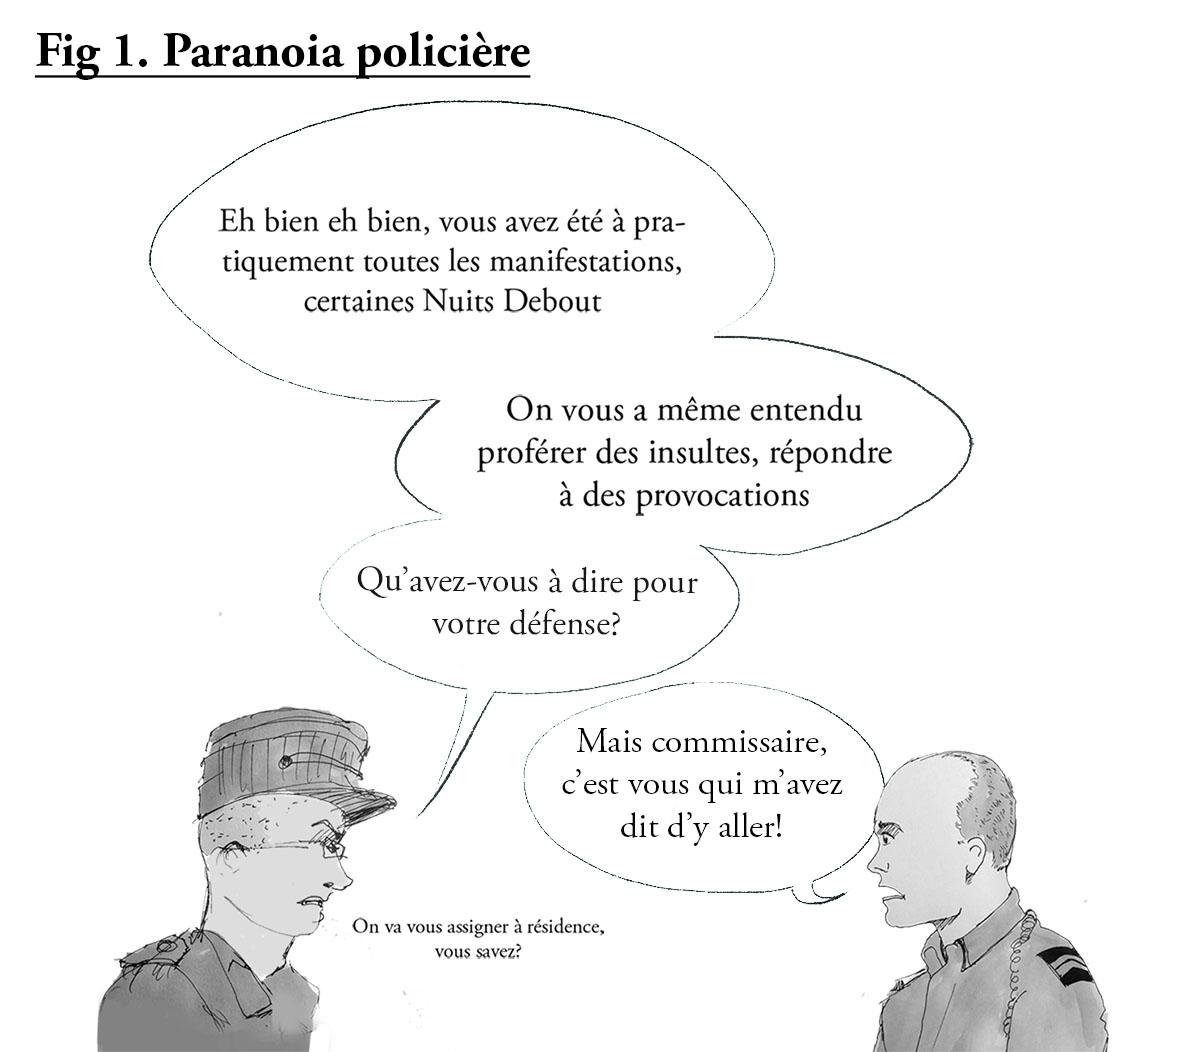 paranoia policière